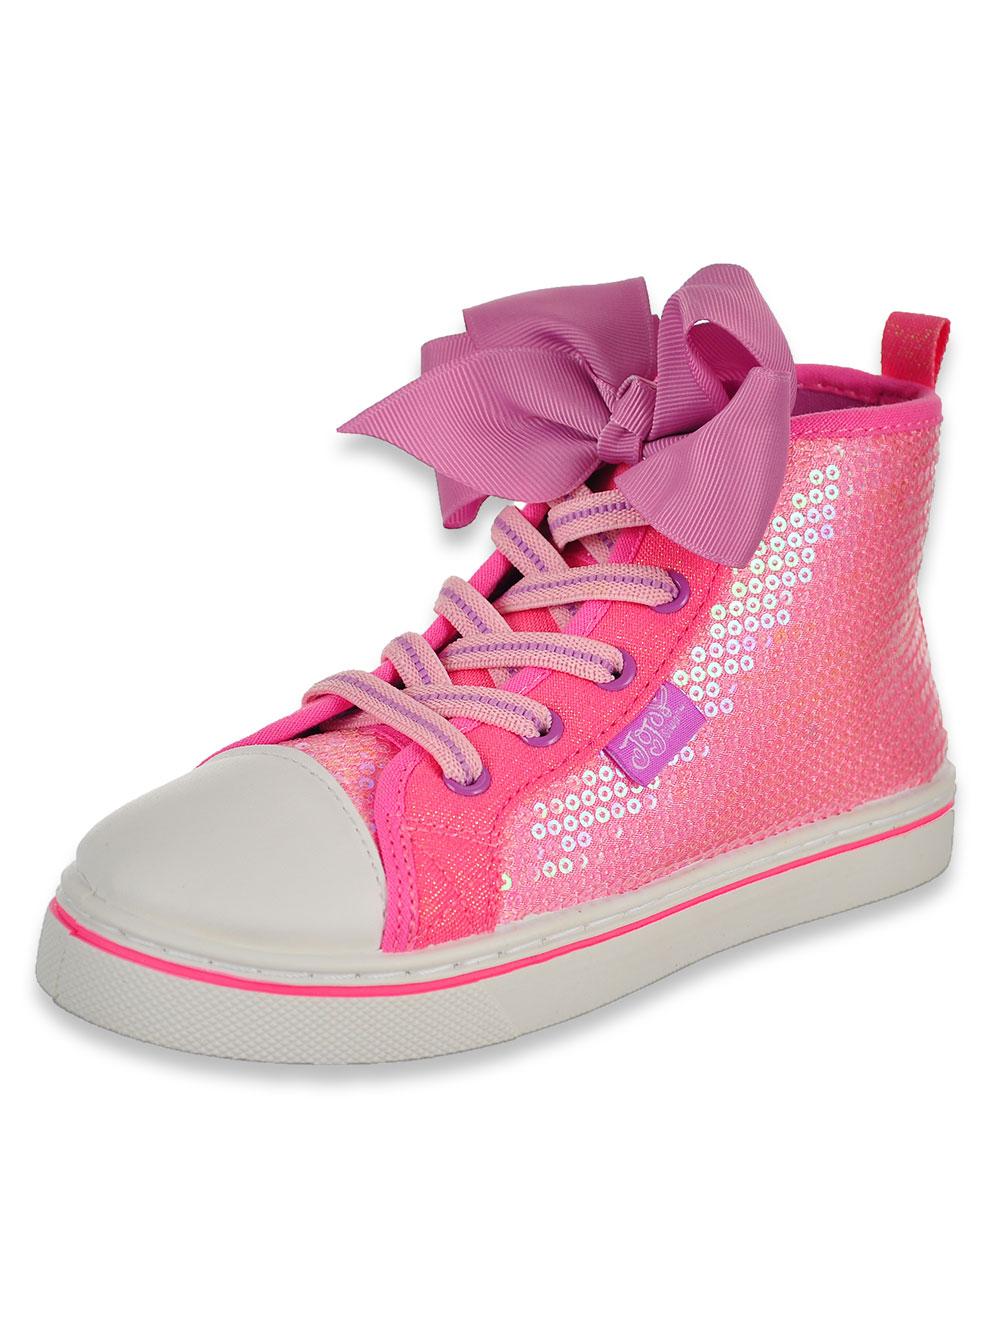 Girls' Trimmed Sequin Hi-Top Sneakers